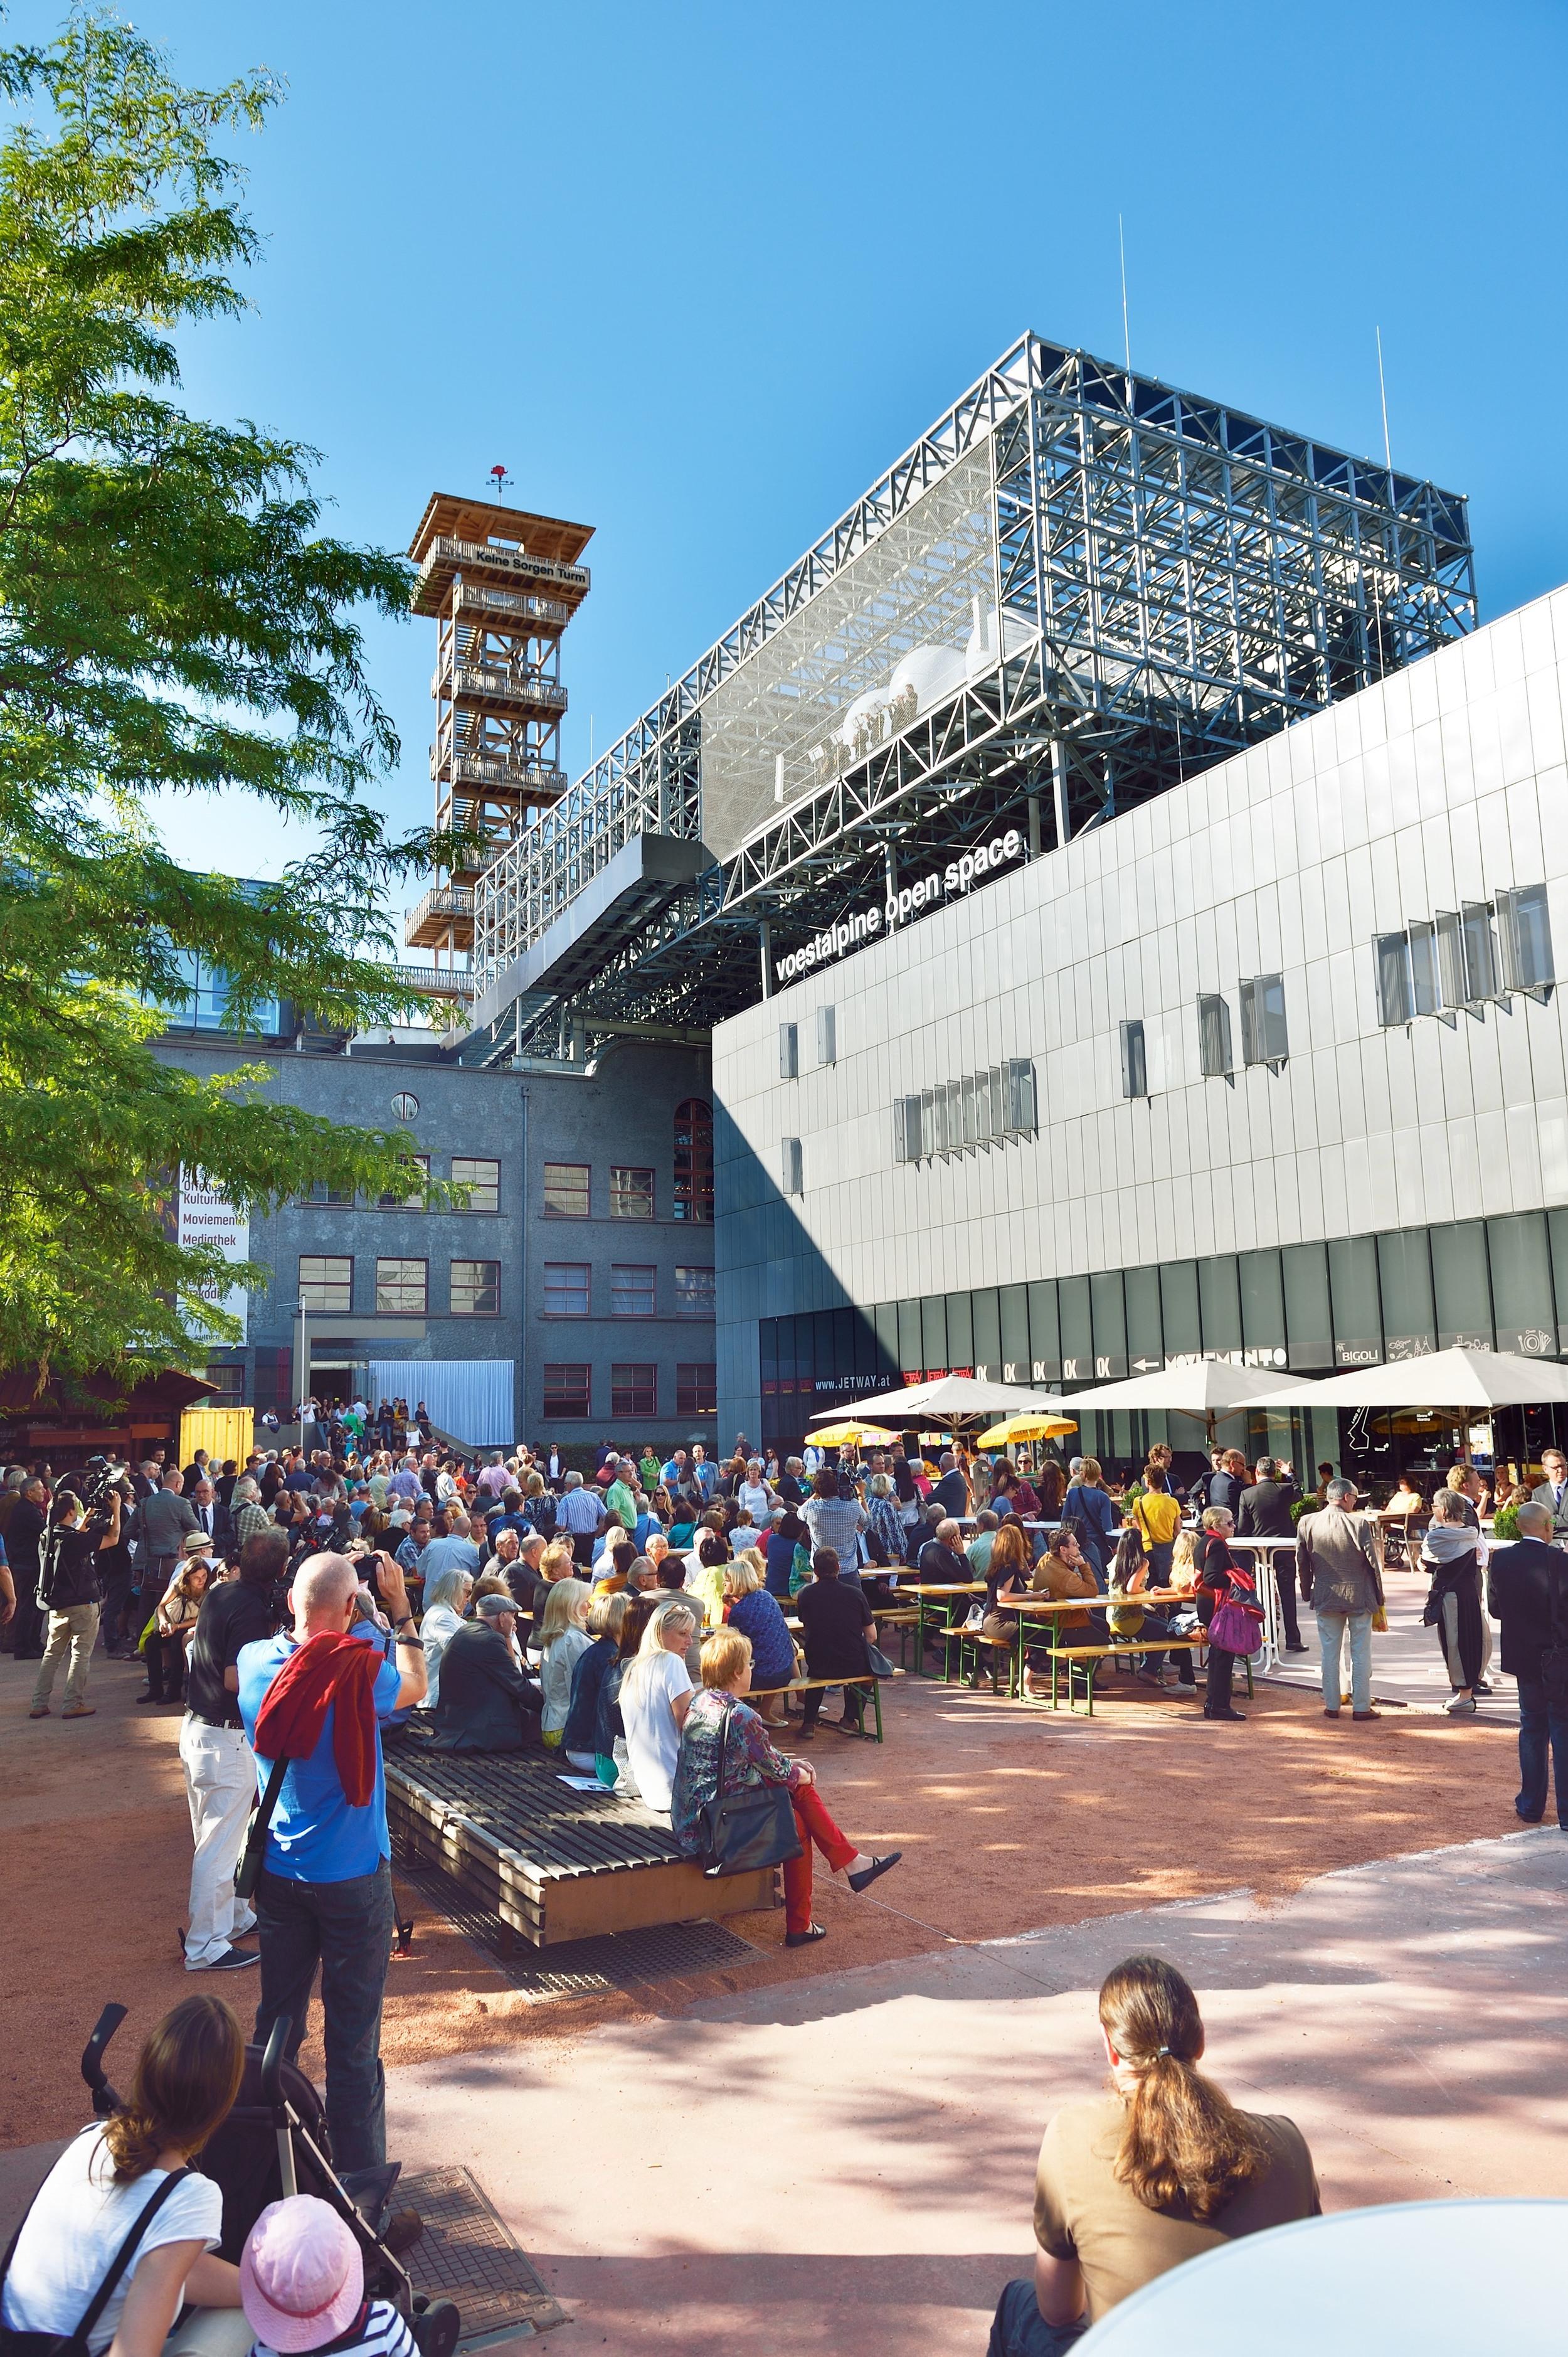 OK Center for Contemporary Art